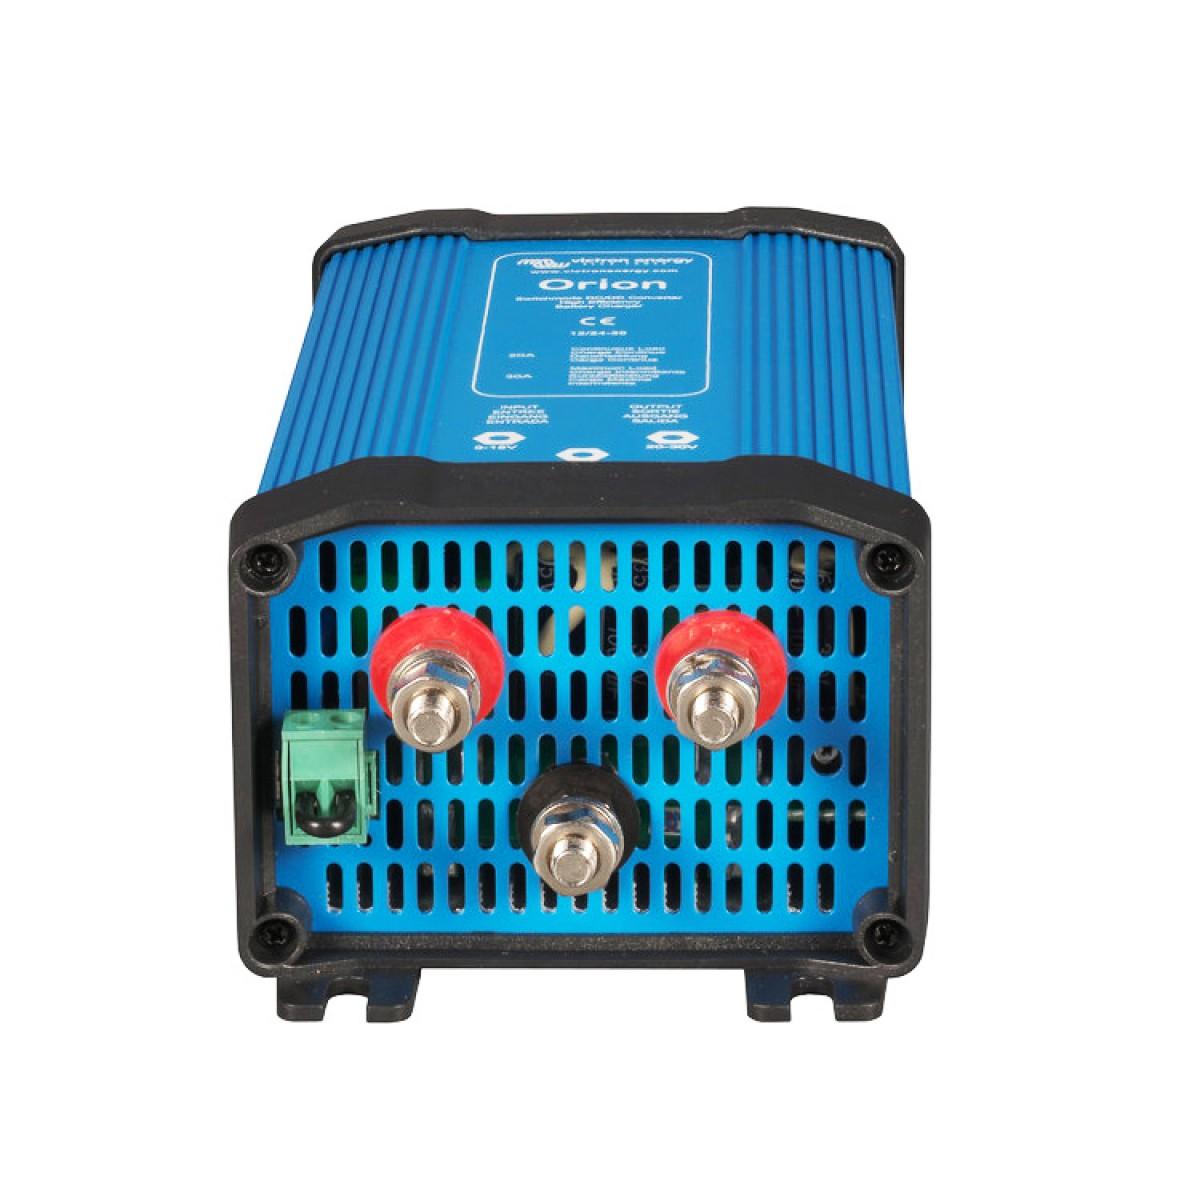 DC DC Wandler 12V auf 24V, 20 Ampere, als 24V Pufferladegerät verwendbar, ORION